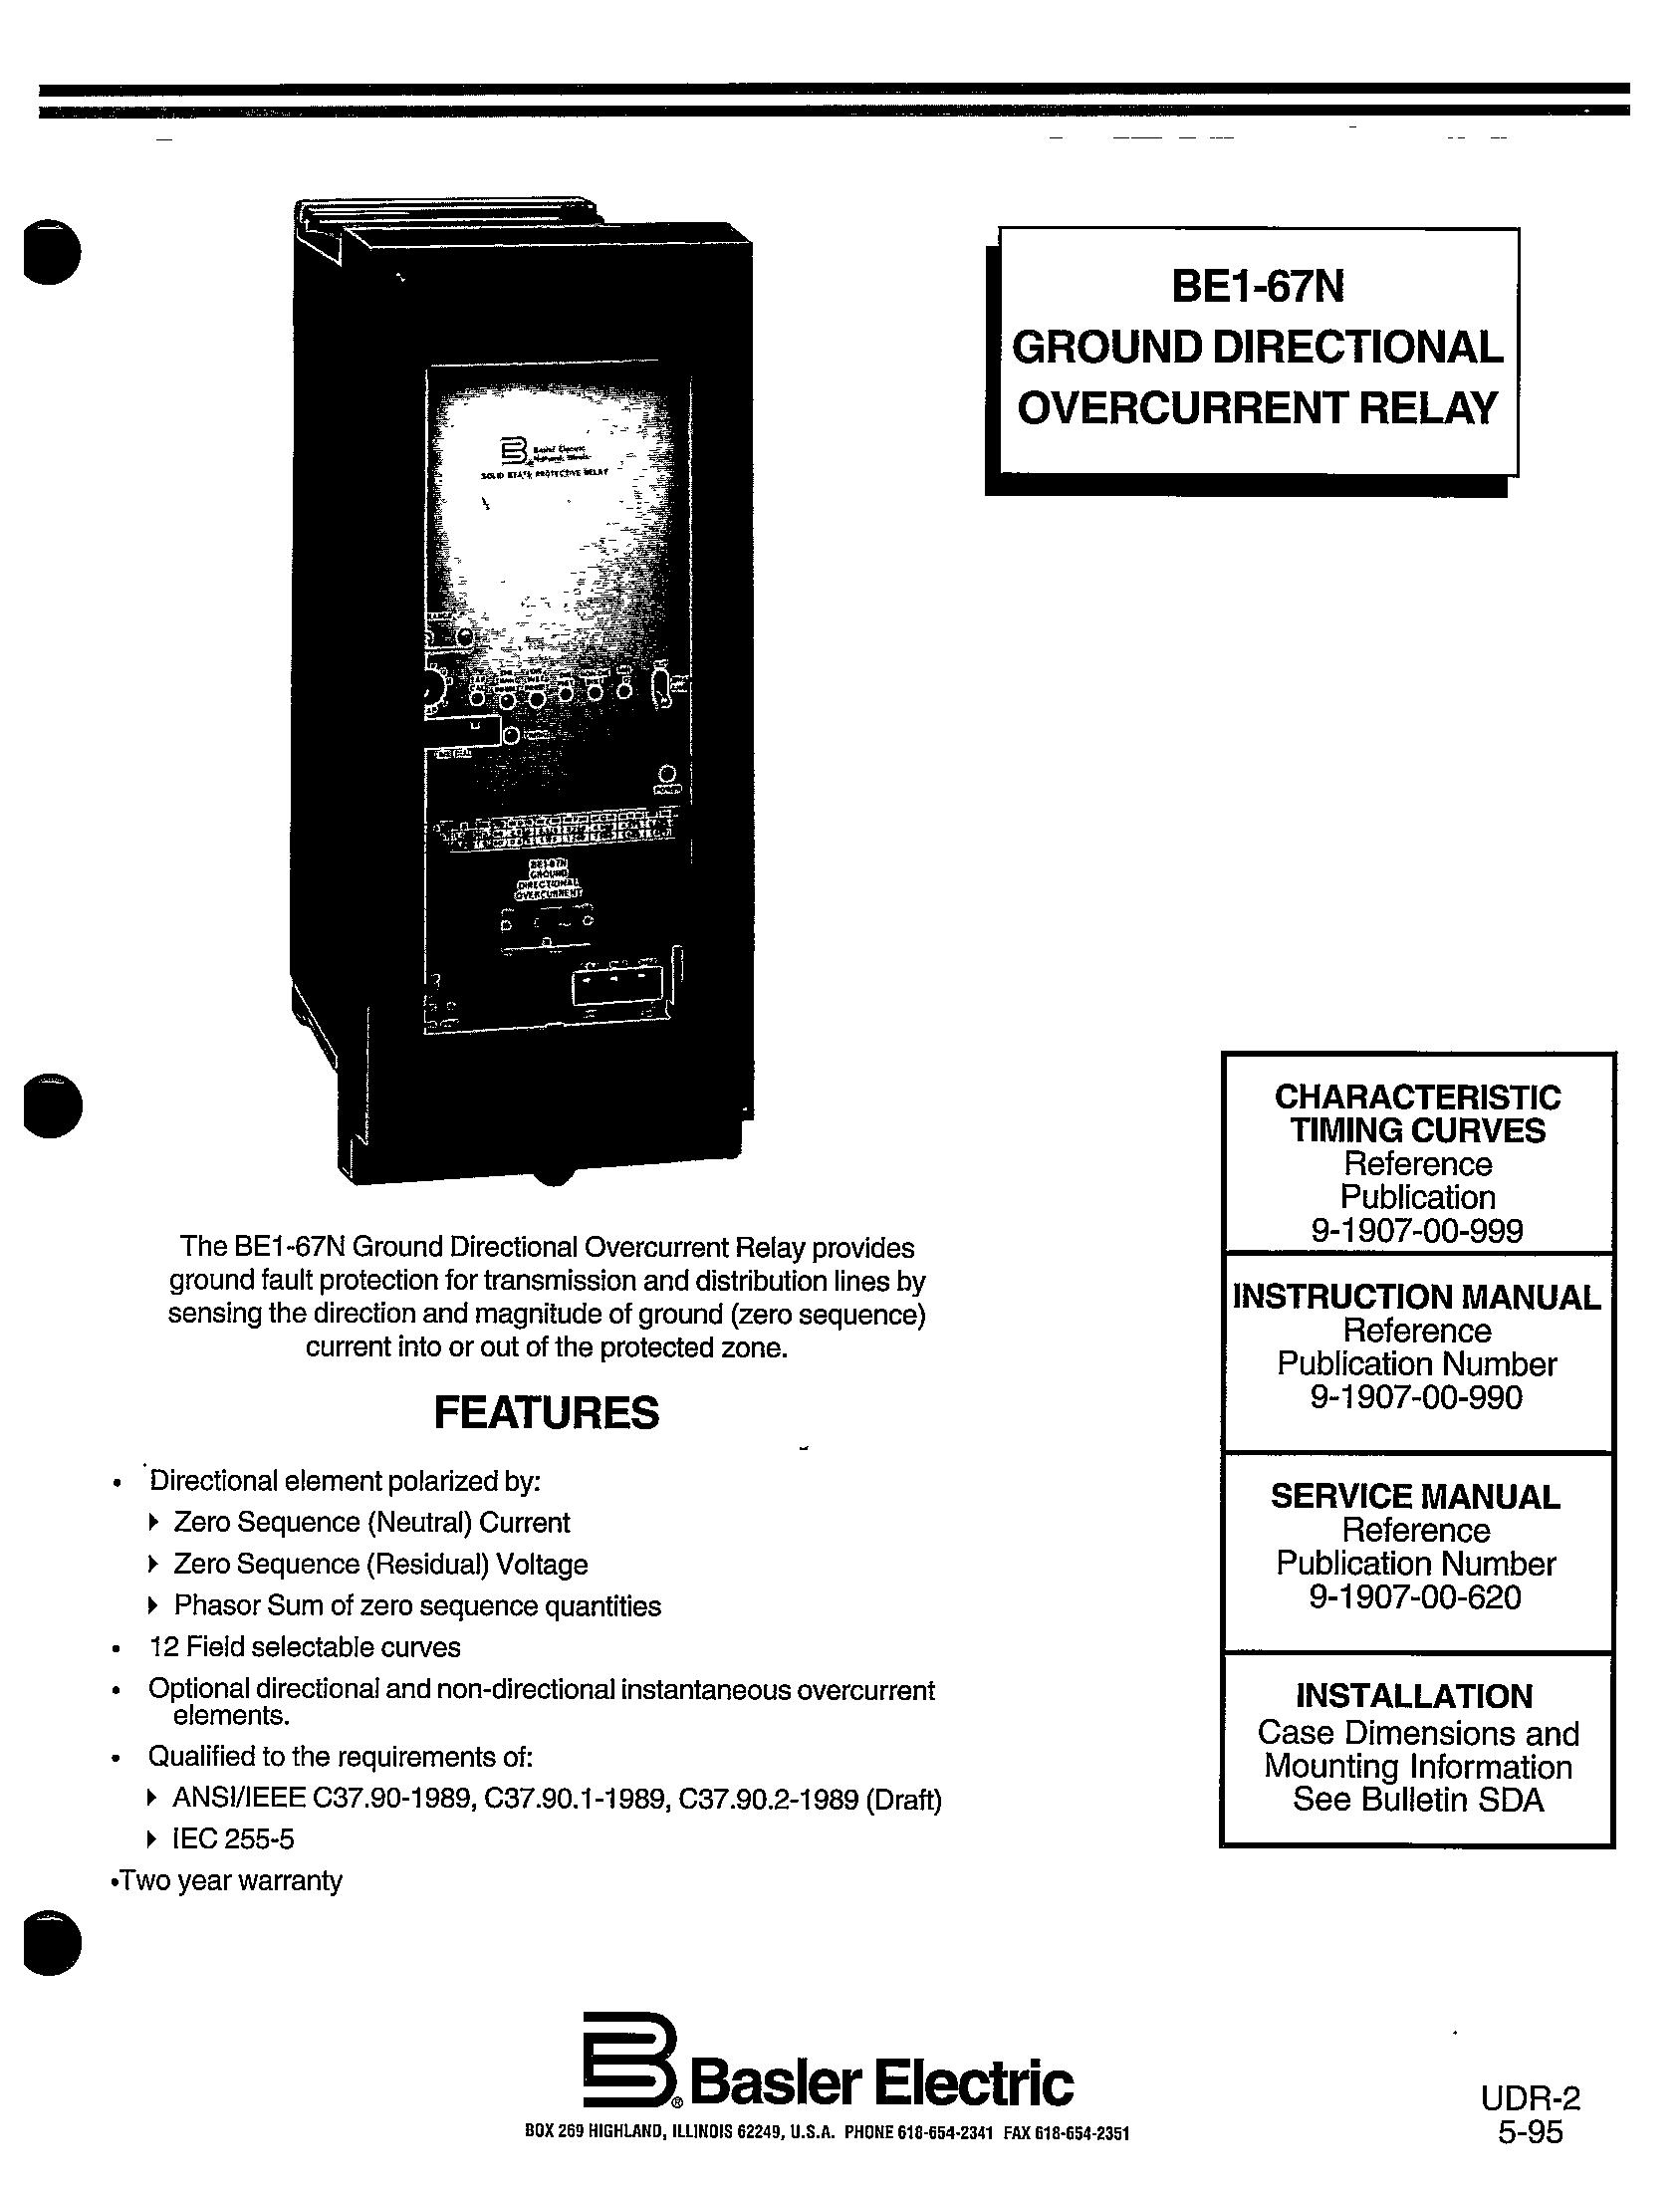 ibanez rg7620 wiring diagram